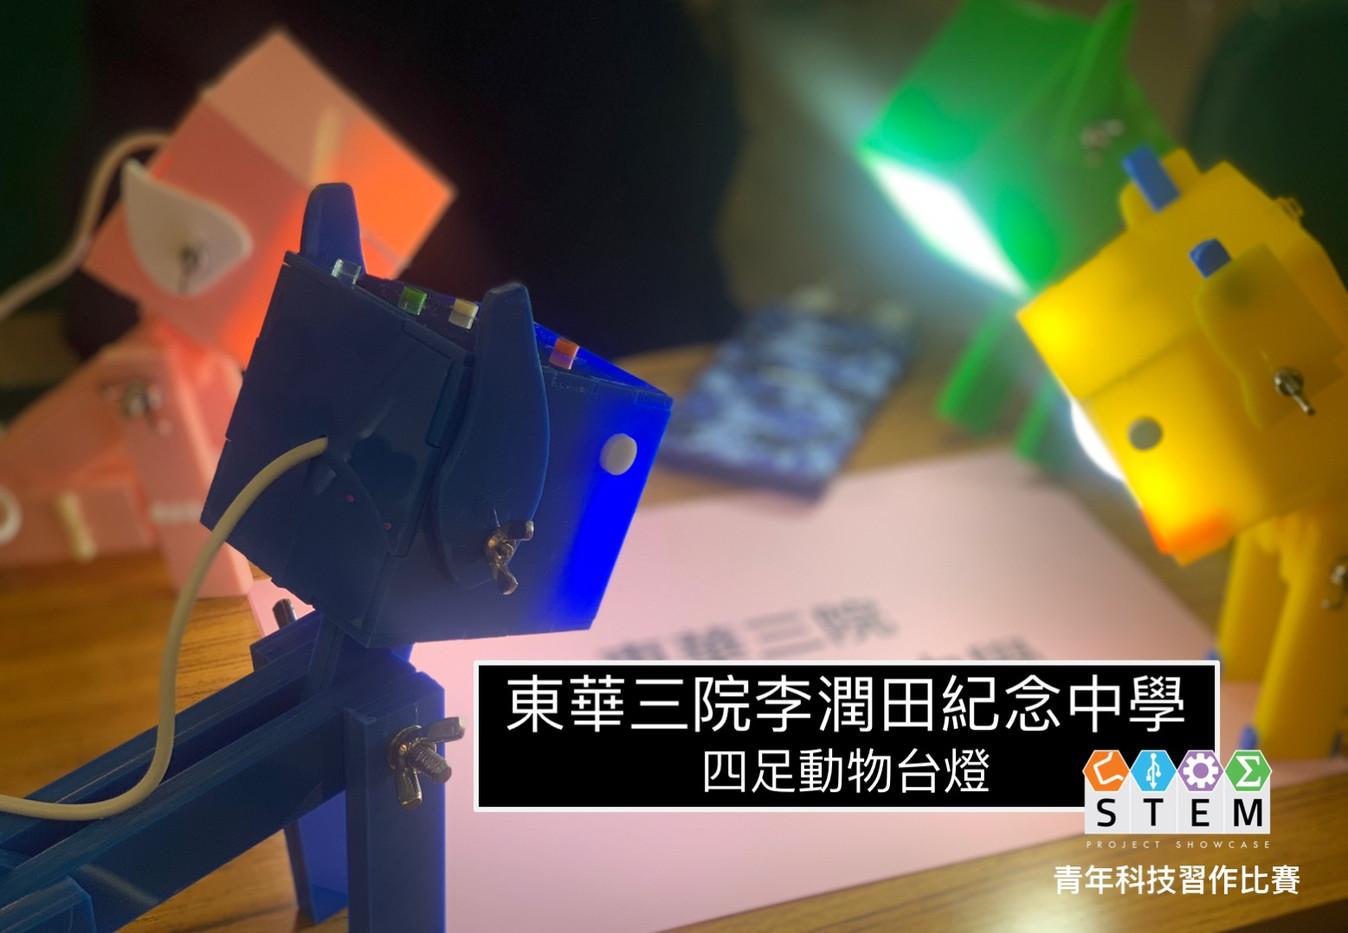 東華三院李潤田紀念中學